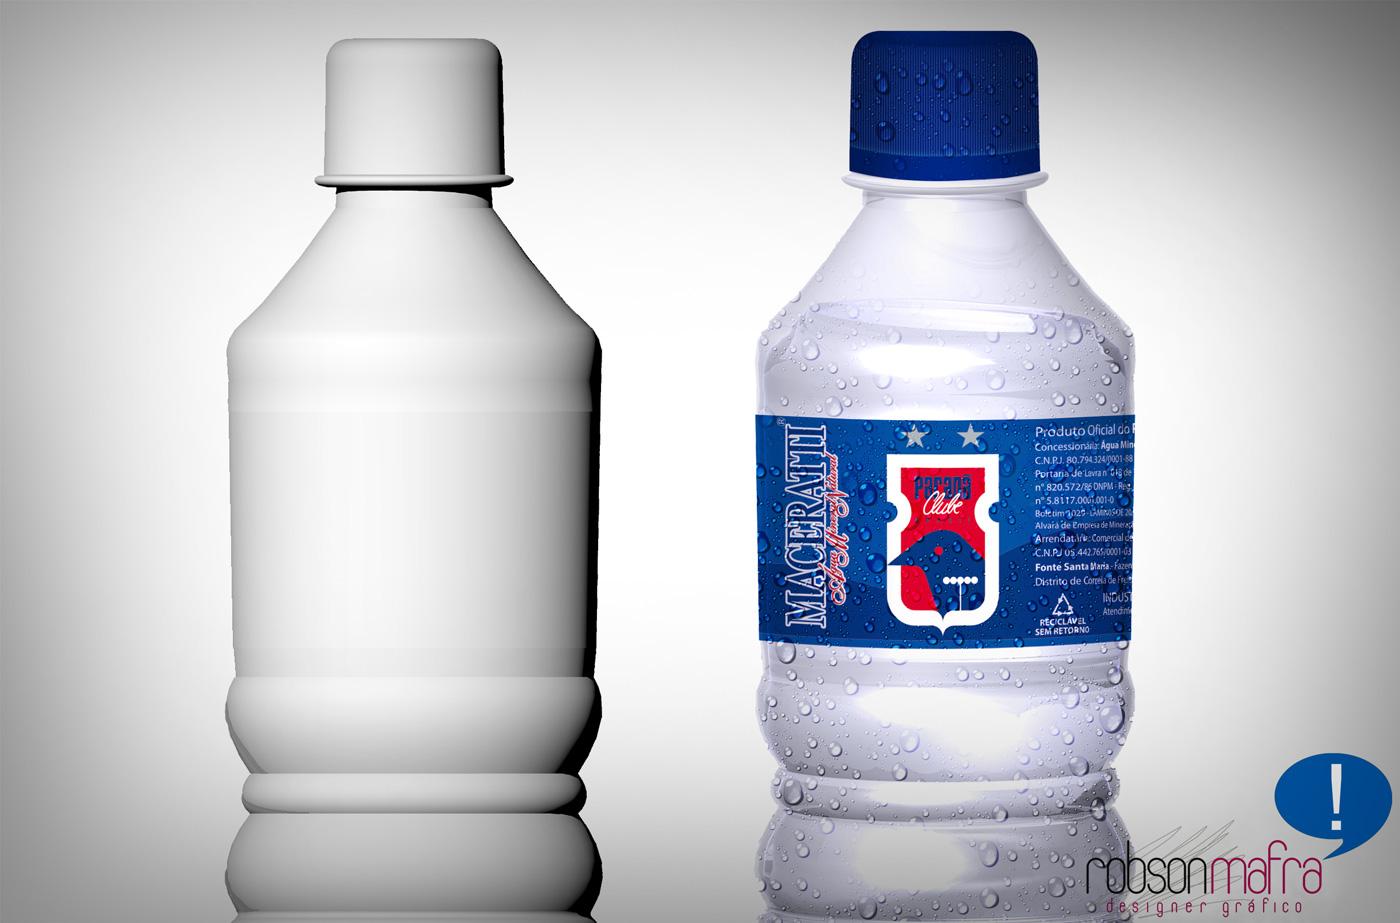 Ilustração digital em 3D da garrafa da Água Mineral do Paraná Clube